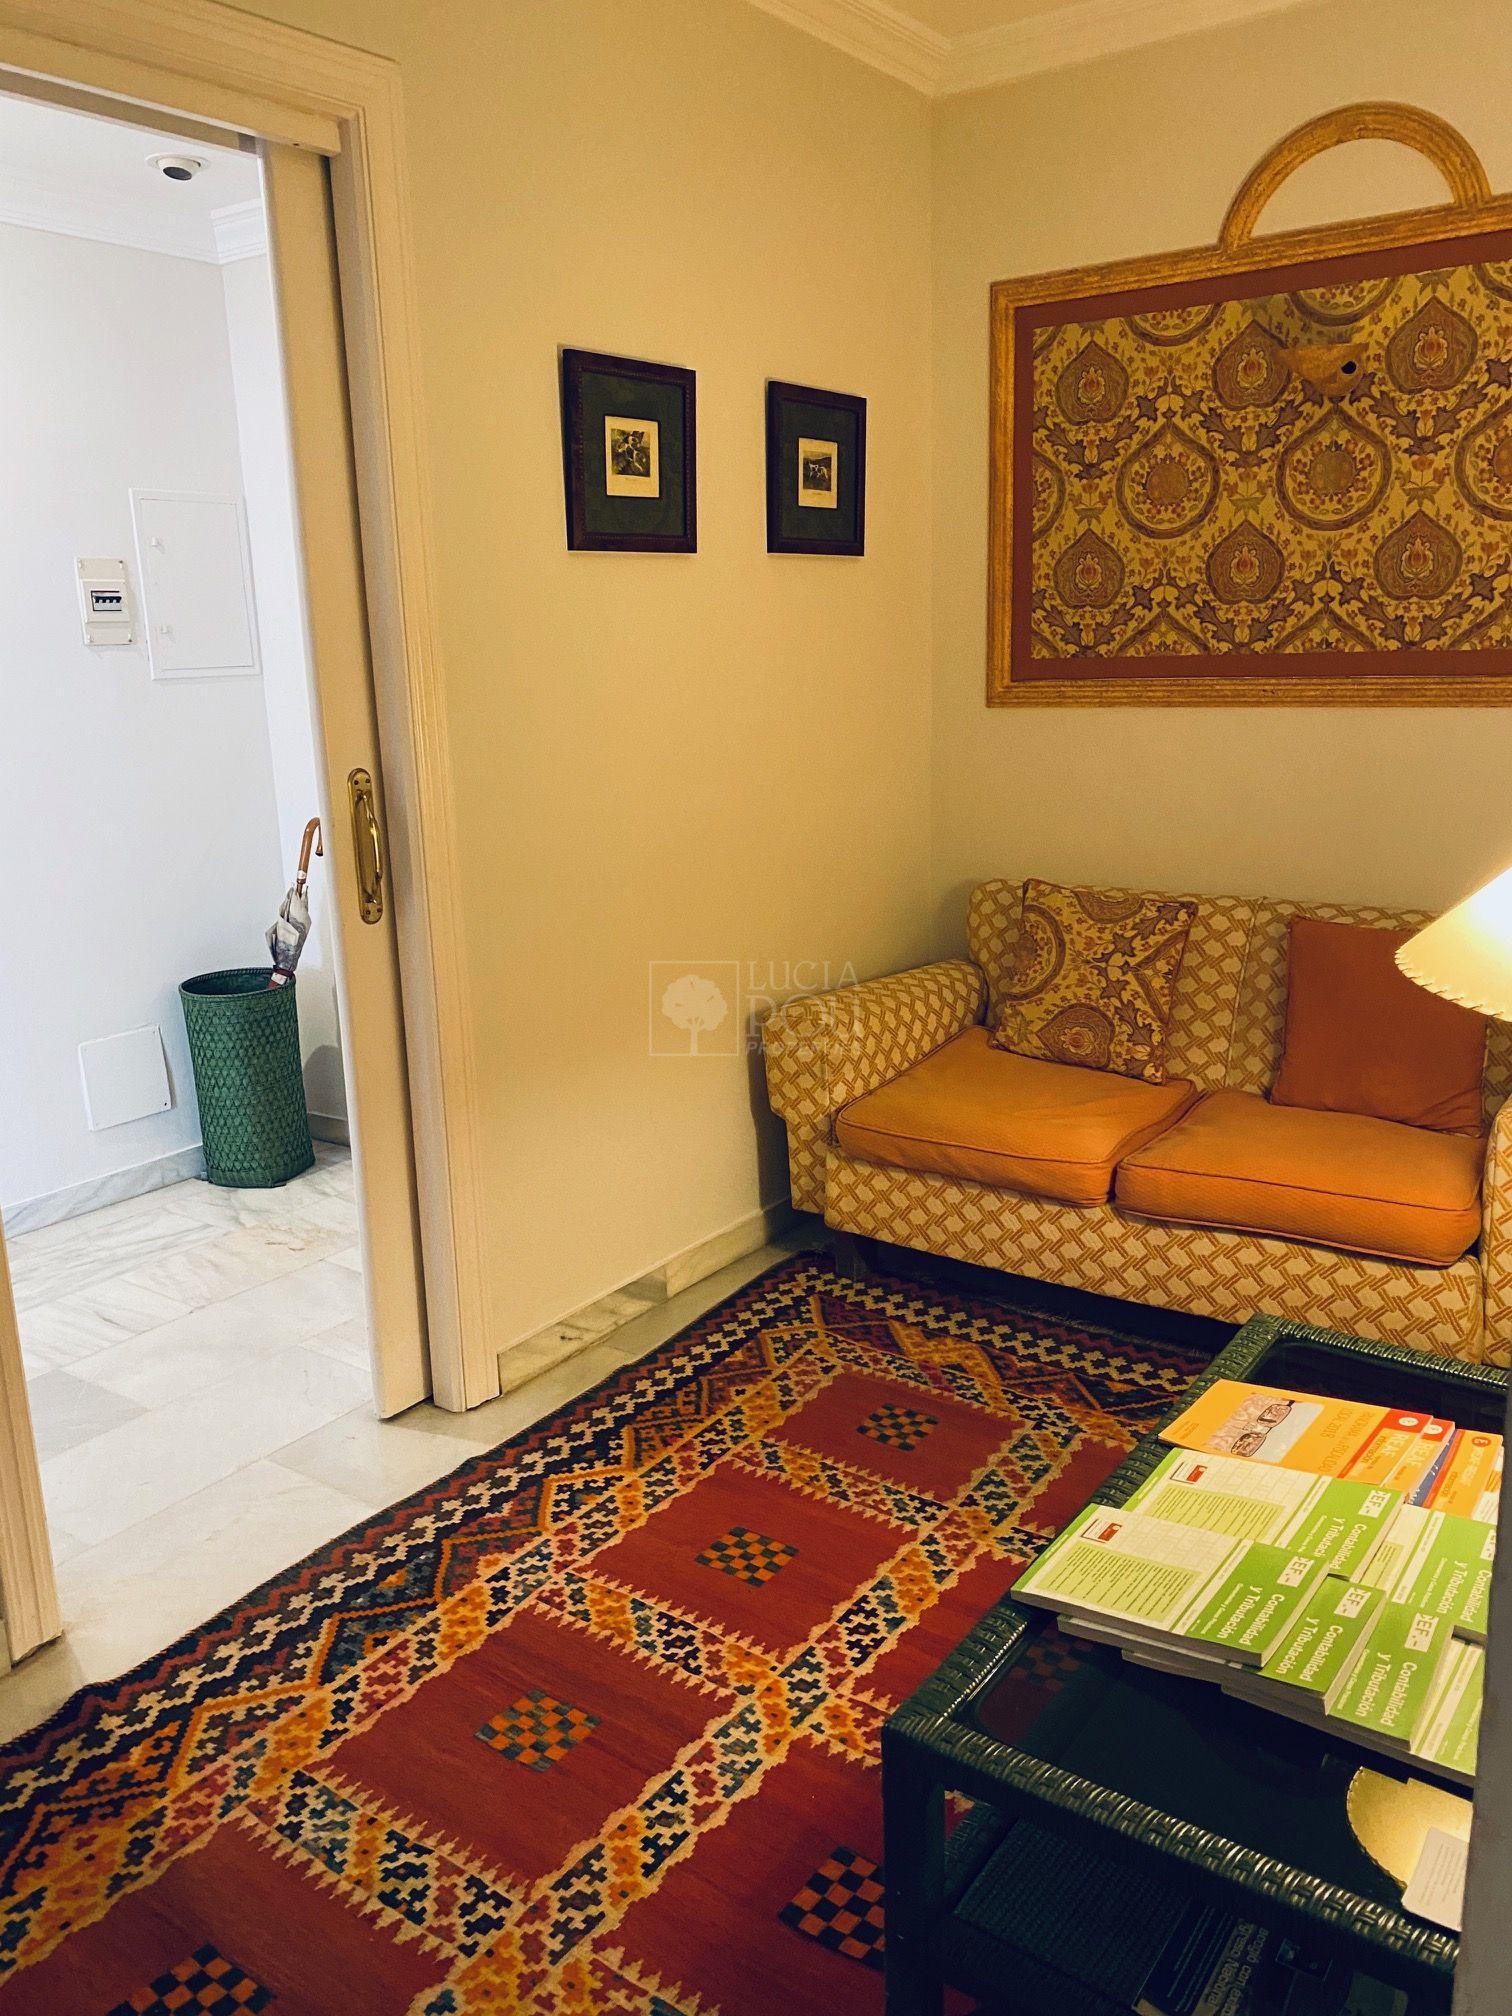 Apartamento  en Marbella Centro, Marbella, Marbella